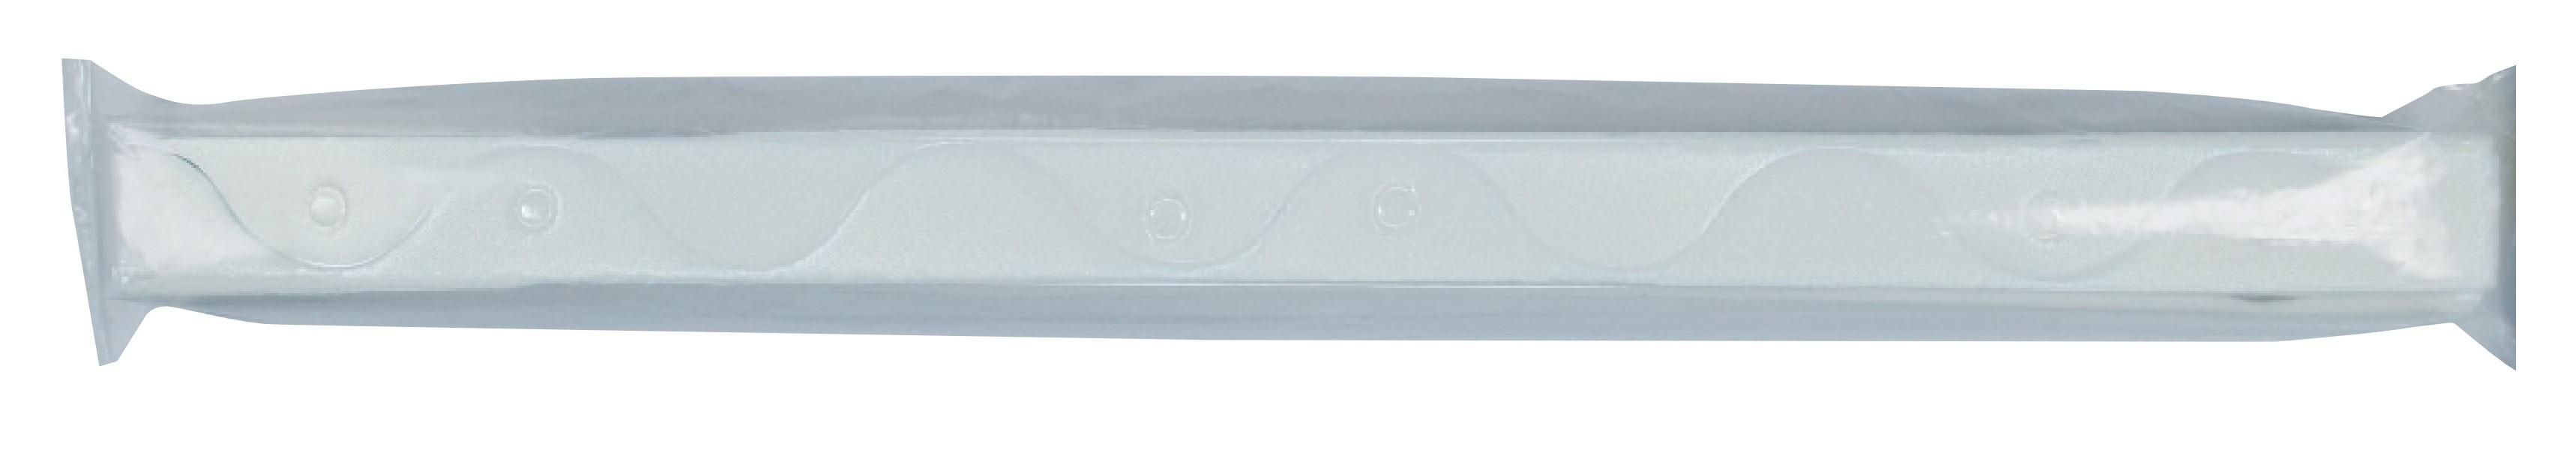 closoir mousse pour plaques fibro-ciment